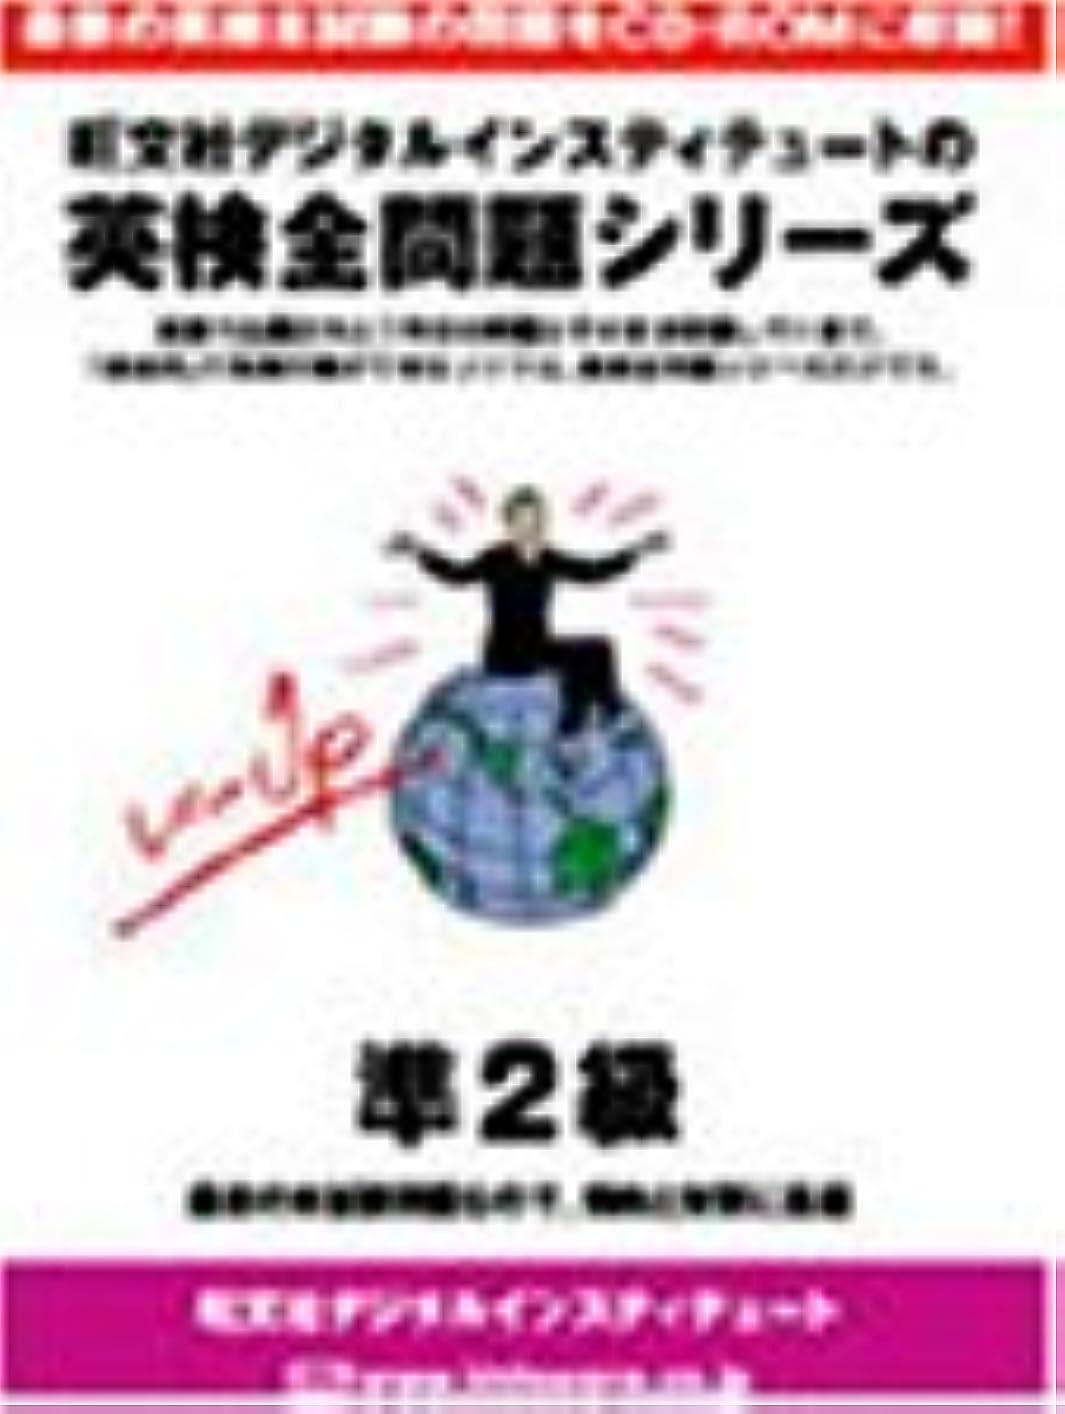 カビステージ転倒英検全問題シリーズ 2004年版 準2級 CD-ROM版